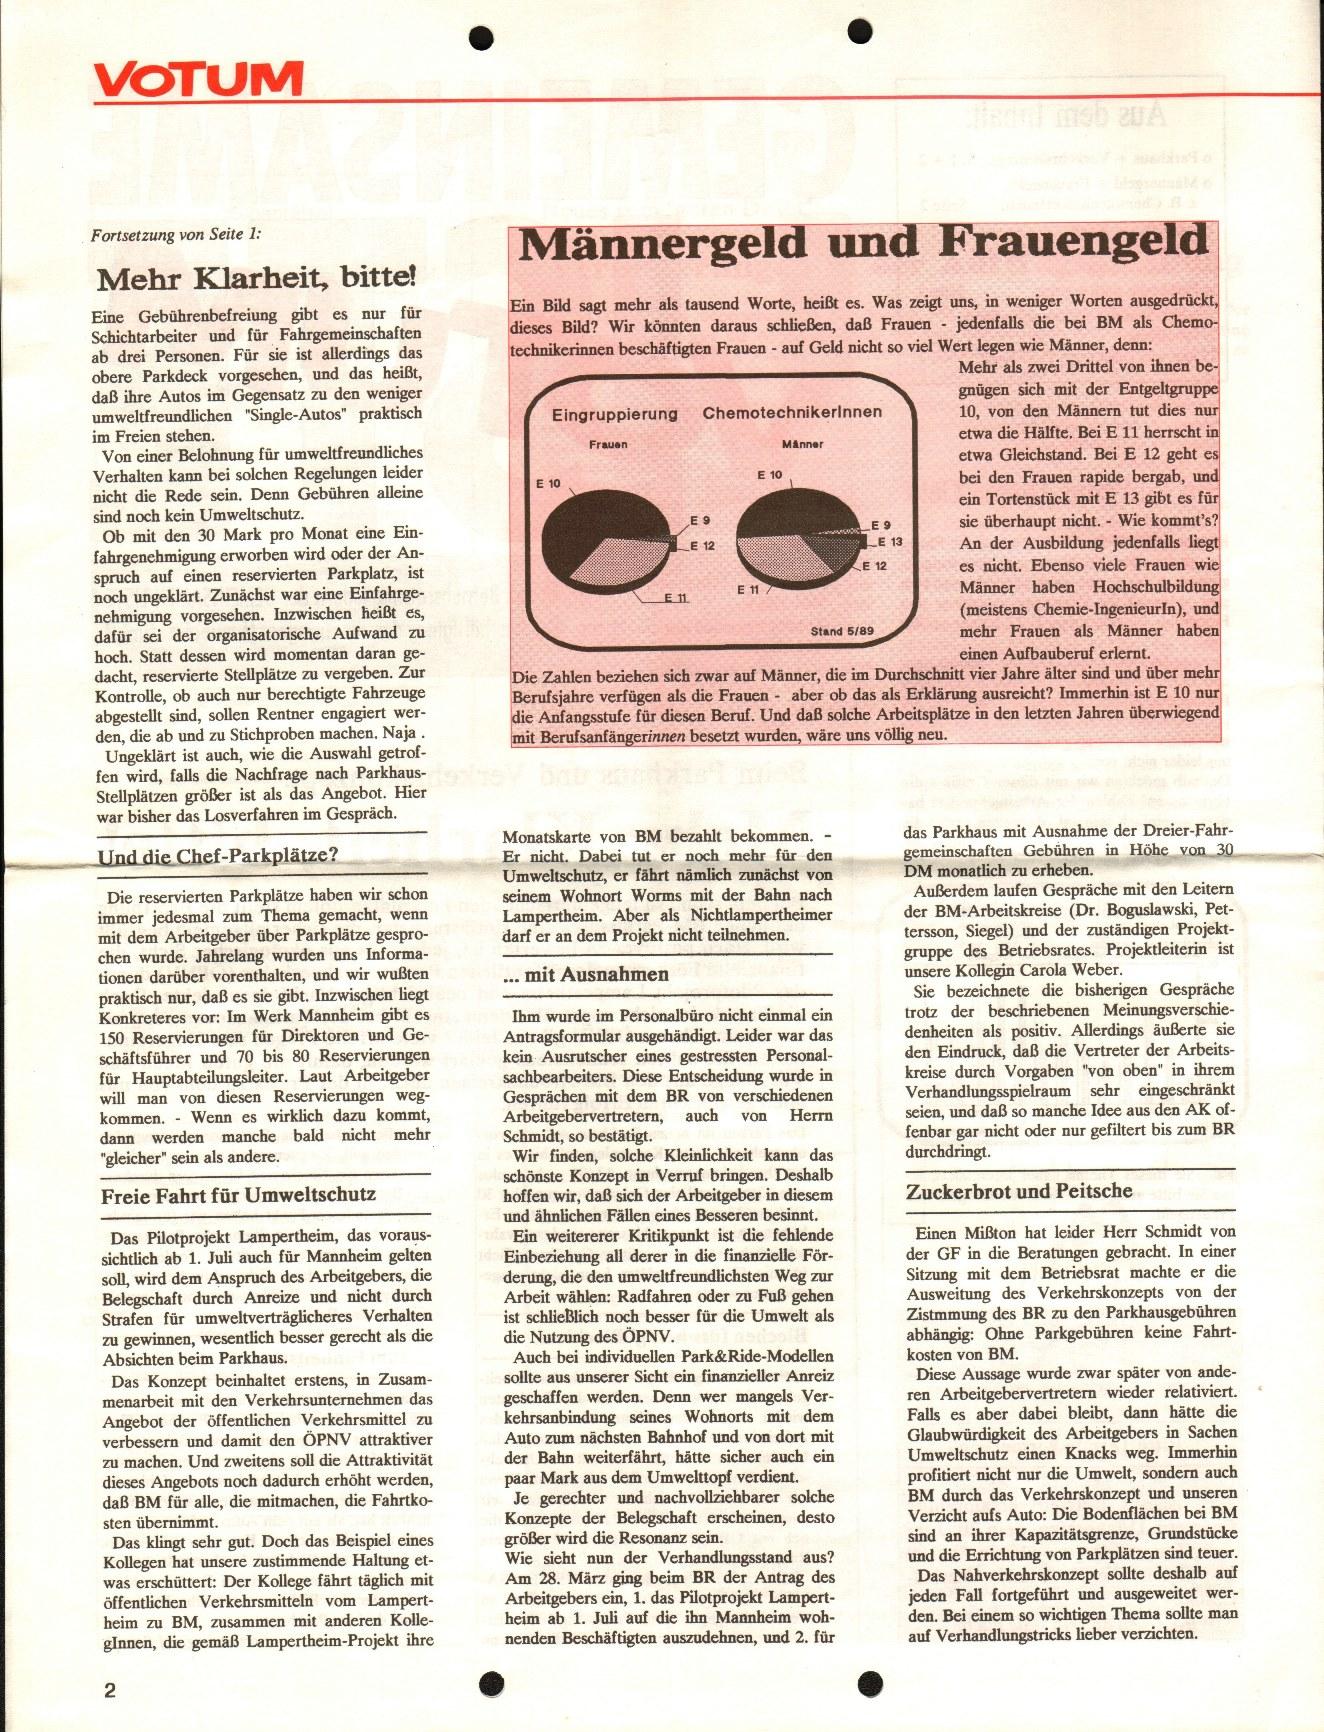 Mannheim_Boehringer_Gemeinsame_Liste_1991_02_02